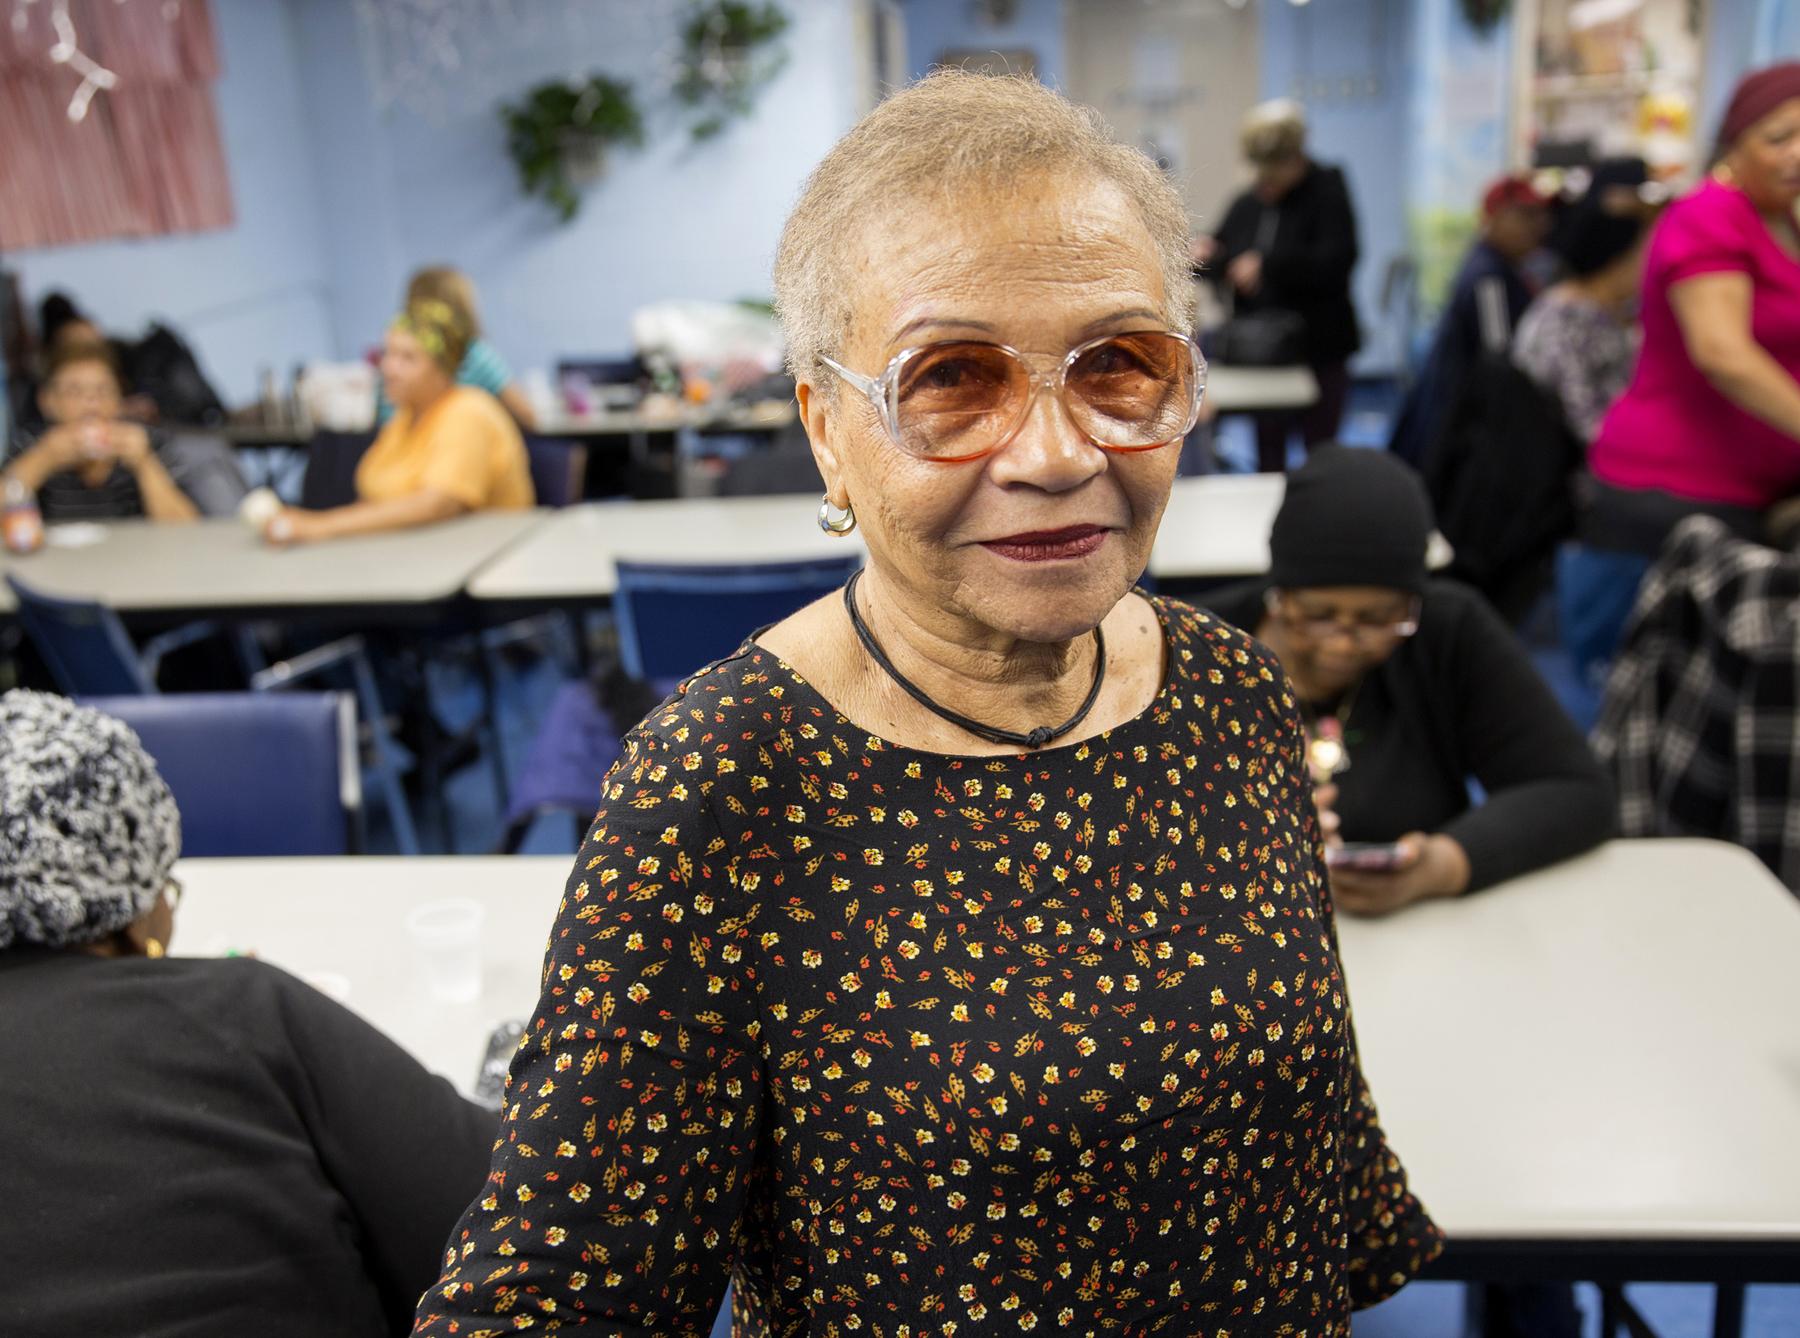 Smiling senior woman in senior center